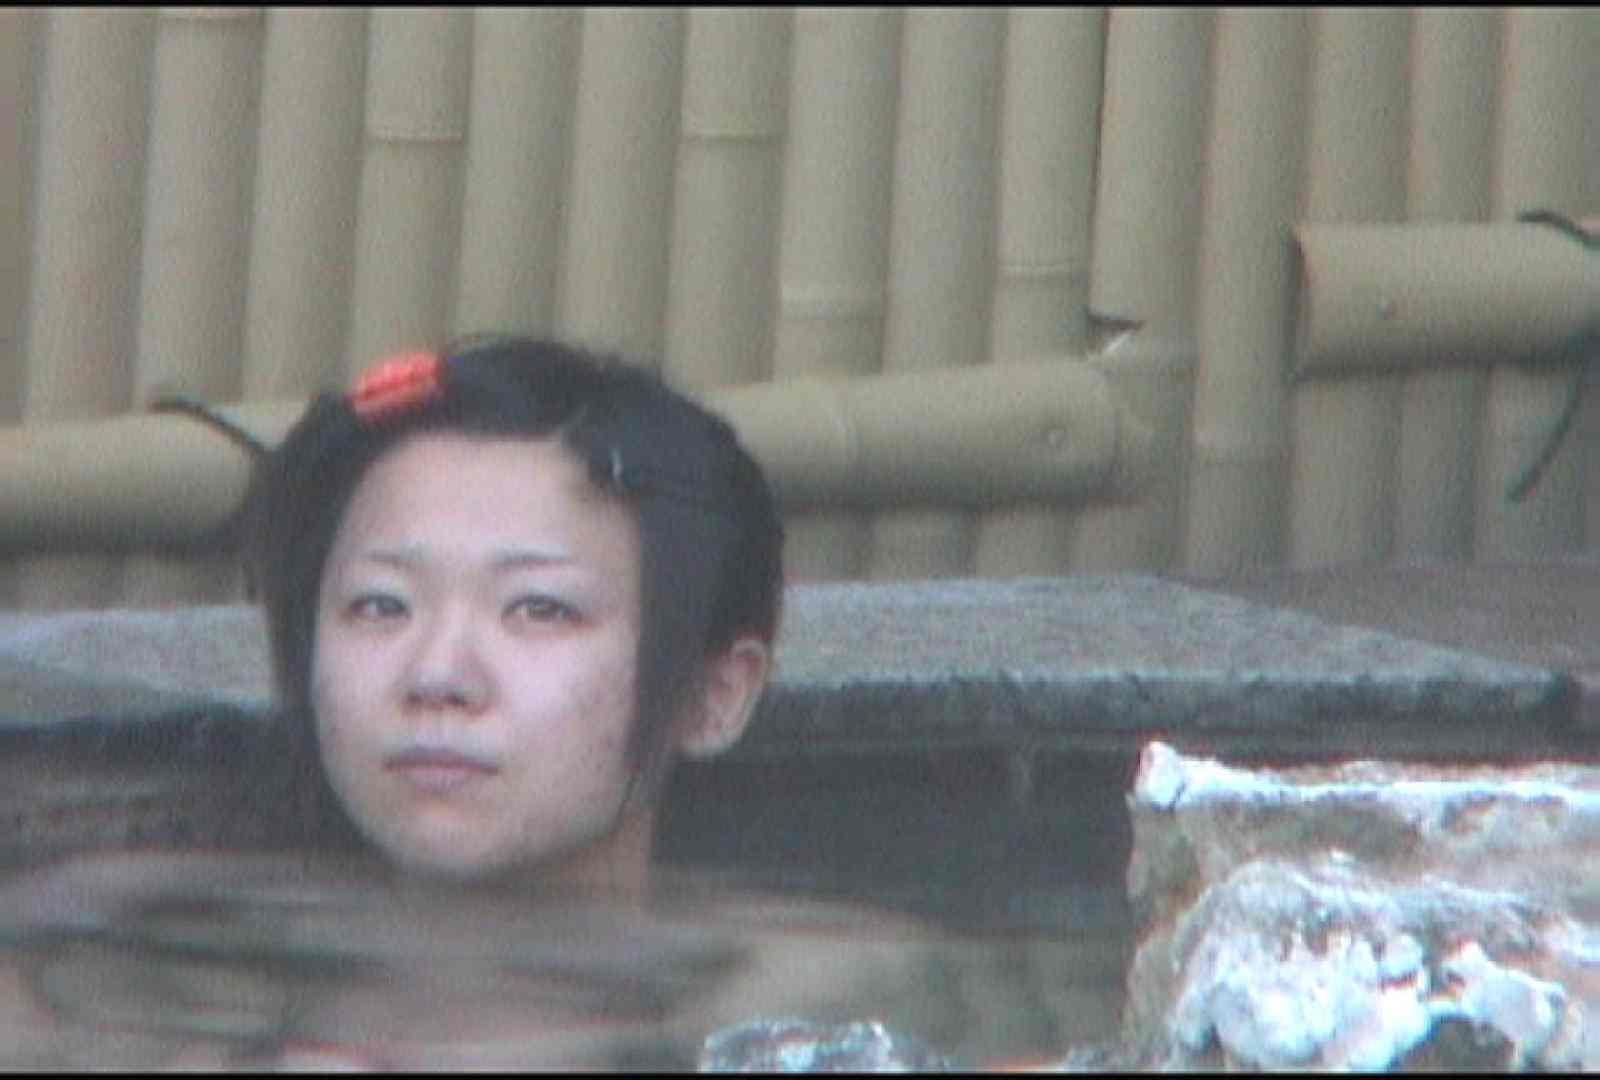 Aquaな露天風呂Vol.175 盗撮シリーズ  91PIX 44